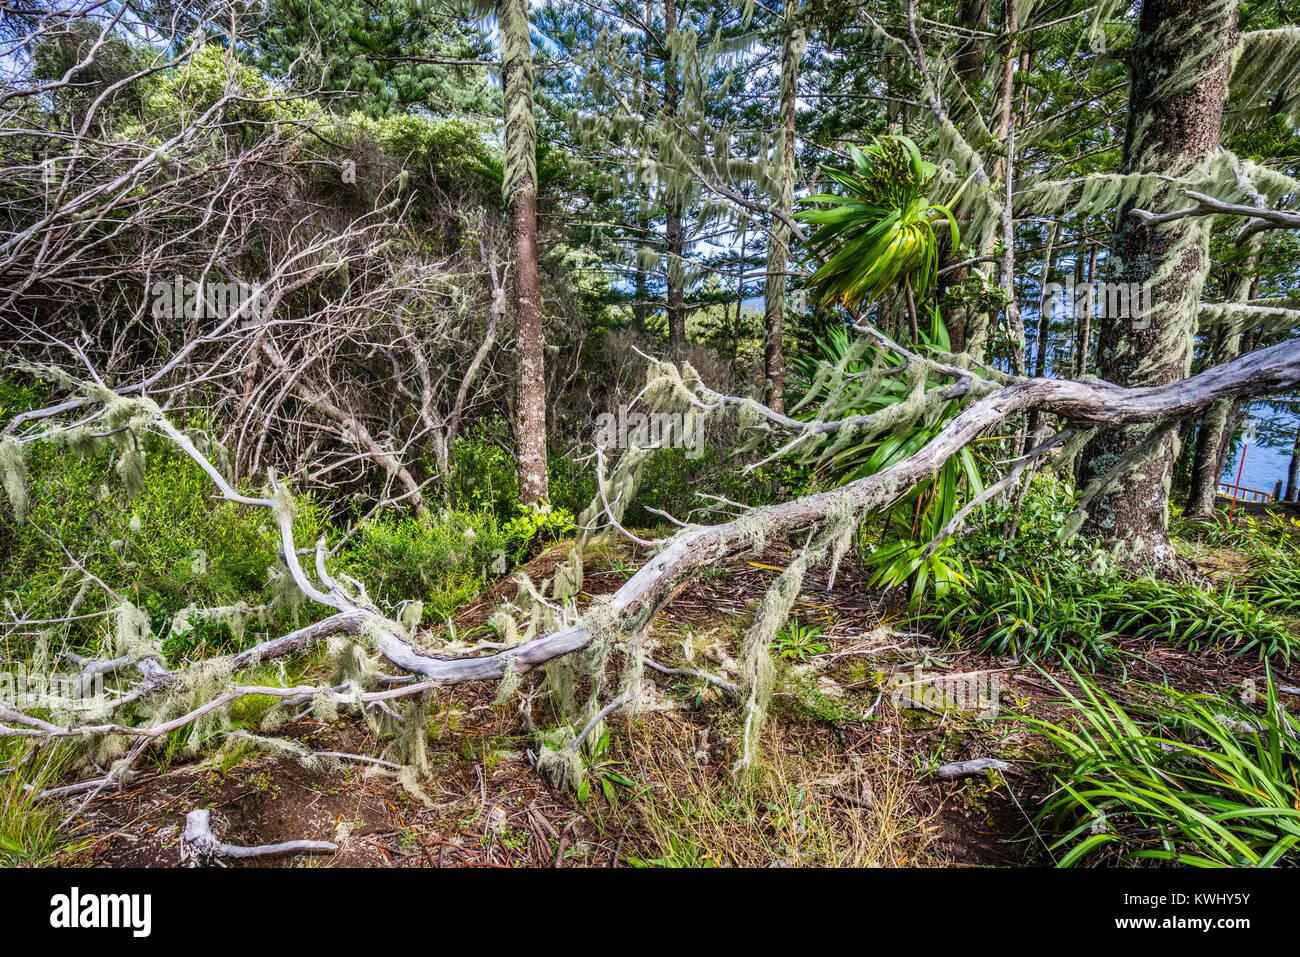 Norfolk Island, Australische externe Gebiet, Norfolk Island National Park, Zaum, Filiale tasseled mit Old Man's Stockbild